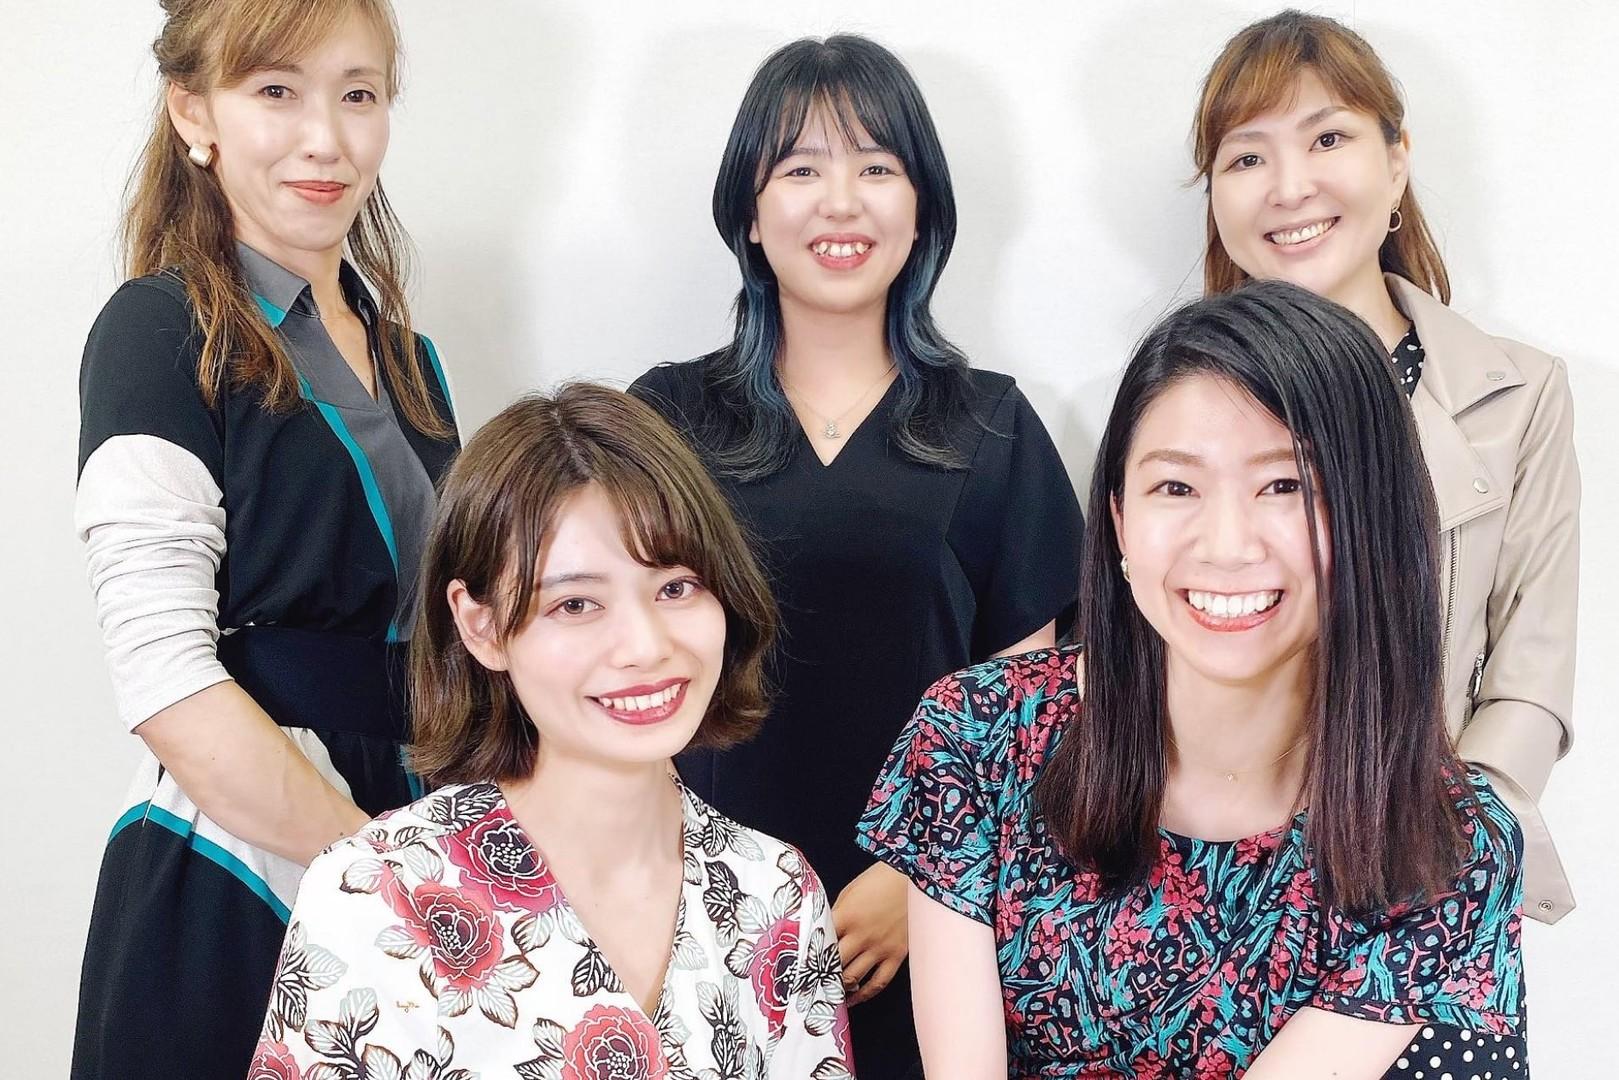 [福岡]スタイリスト販売職 インスタ出演化!D2Cアパレル急成長のカバー写真